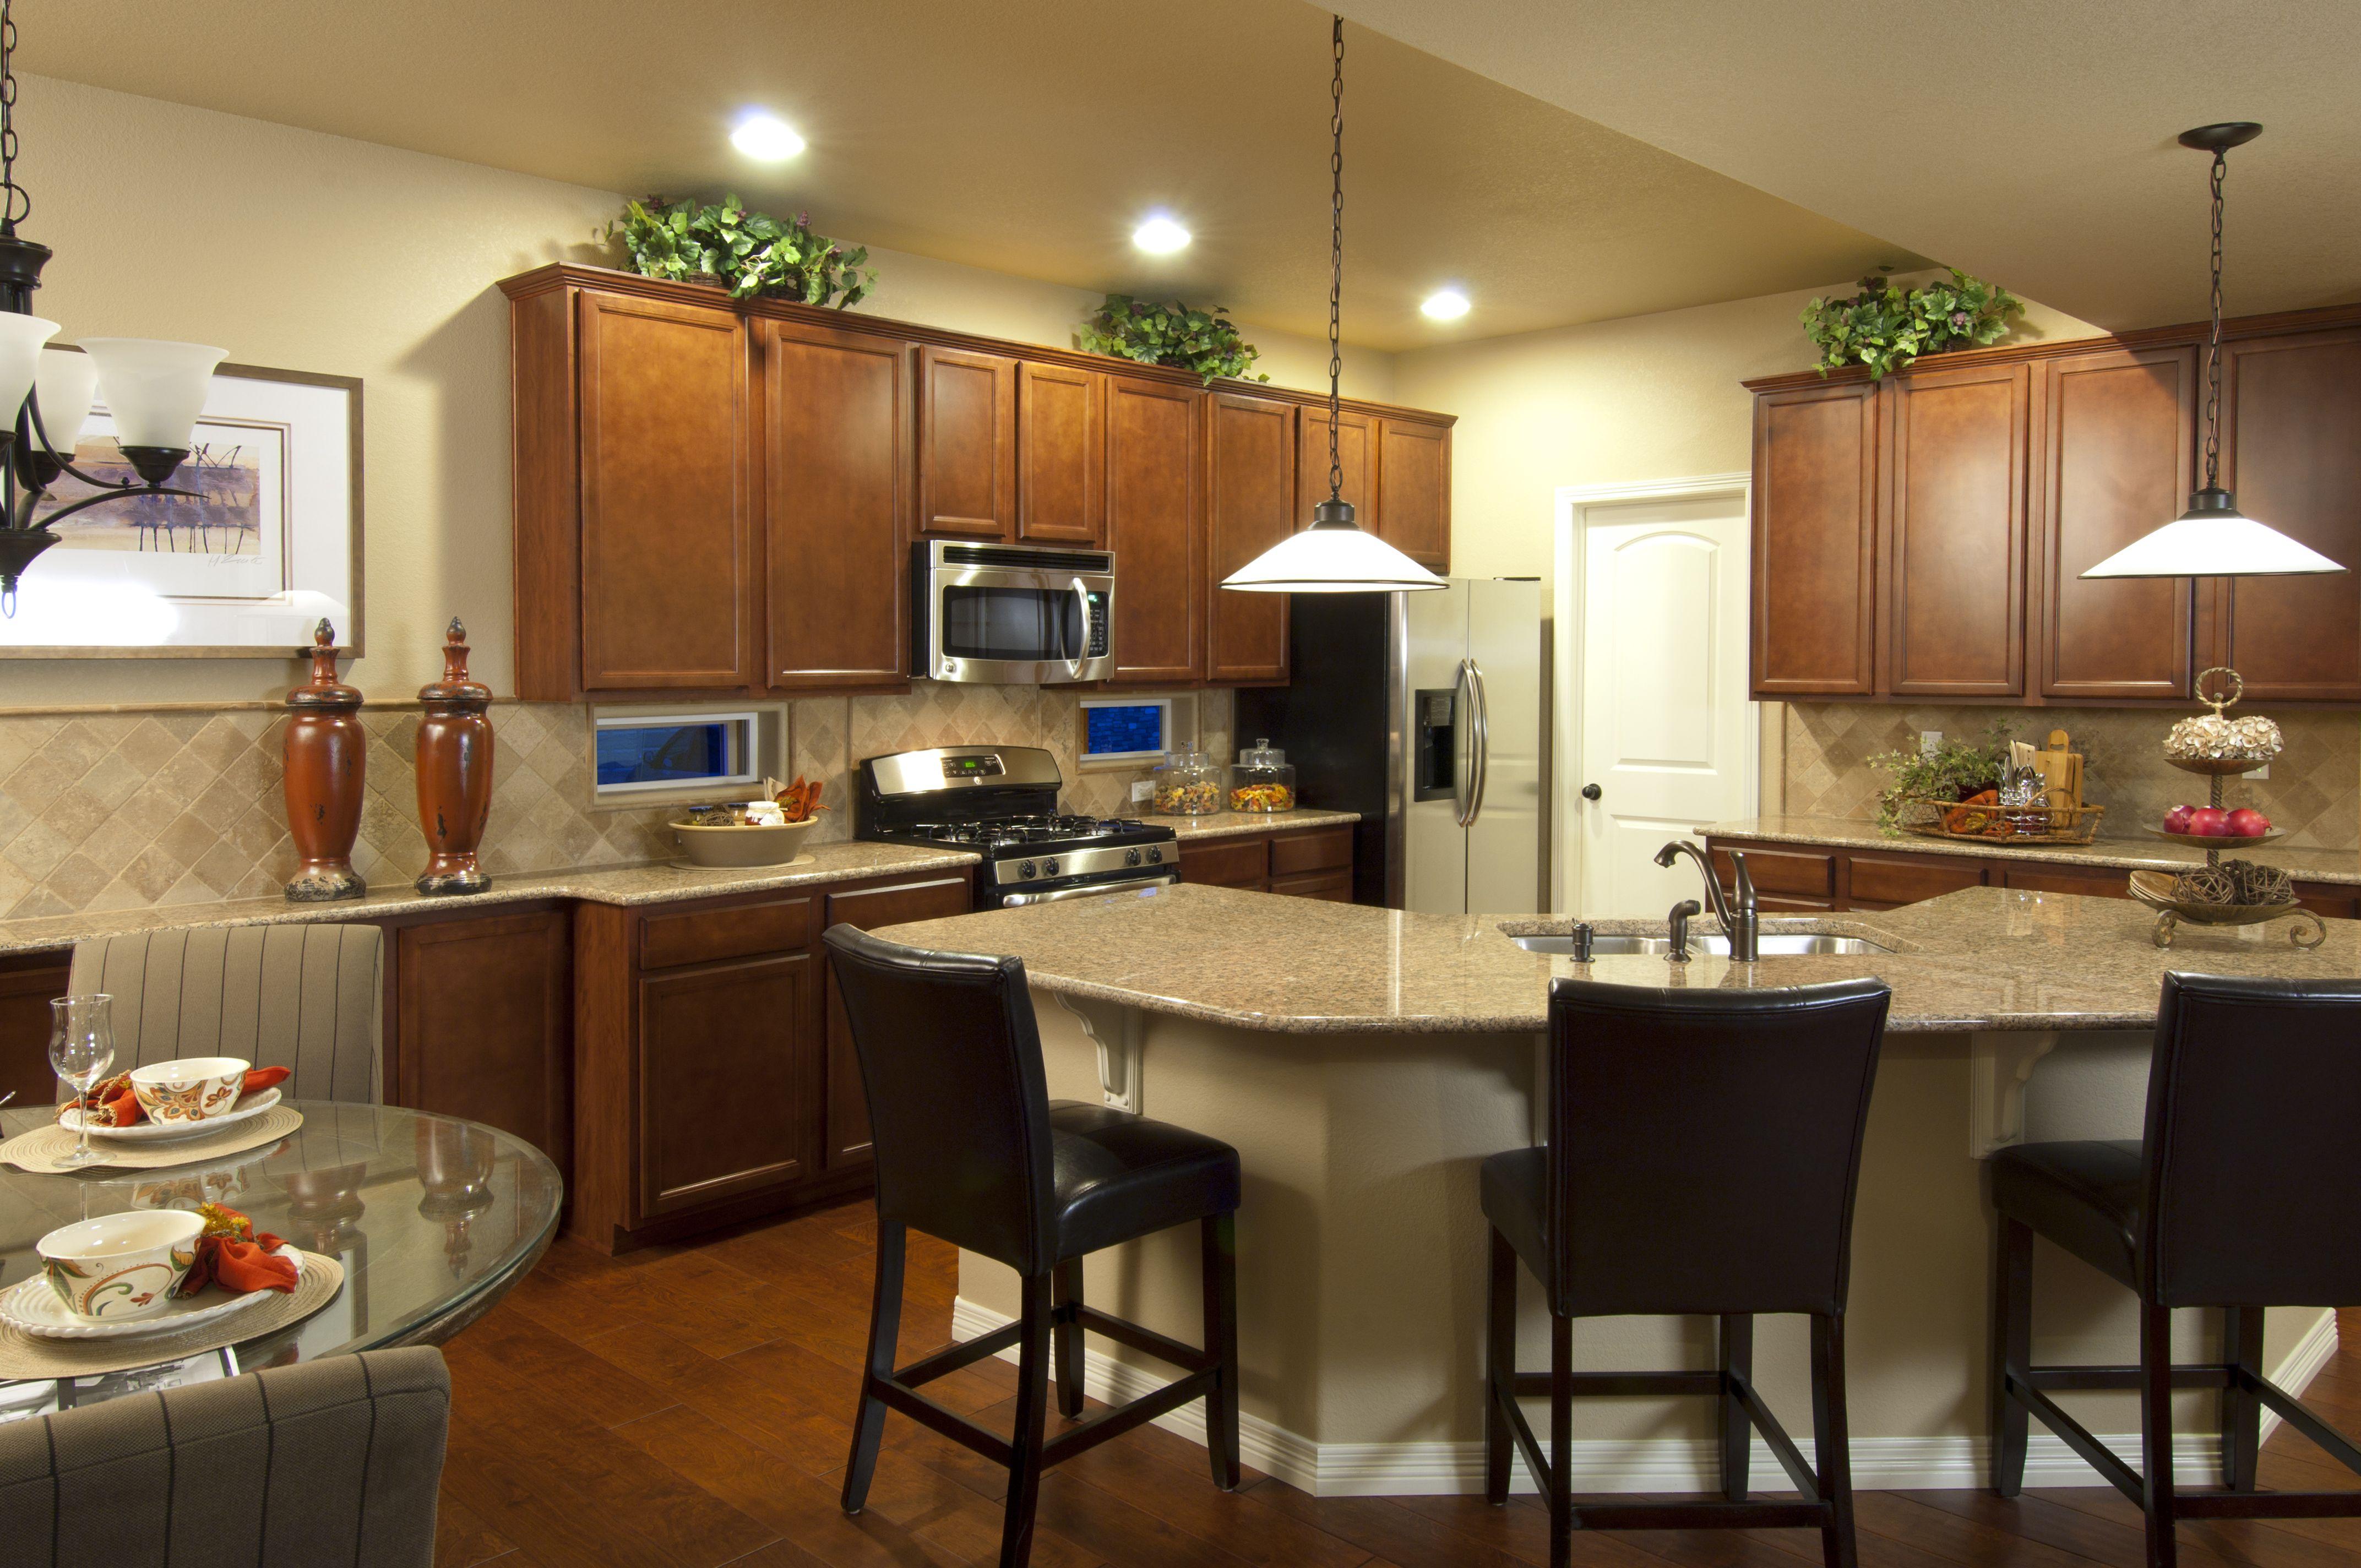 Model Home Design by Cassidy Design, Colorado Springs